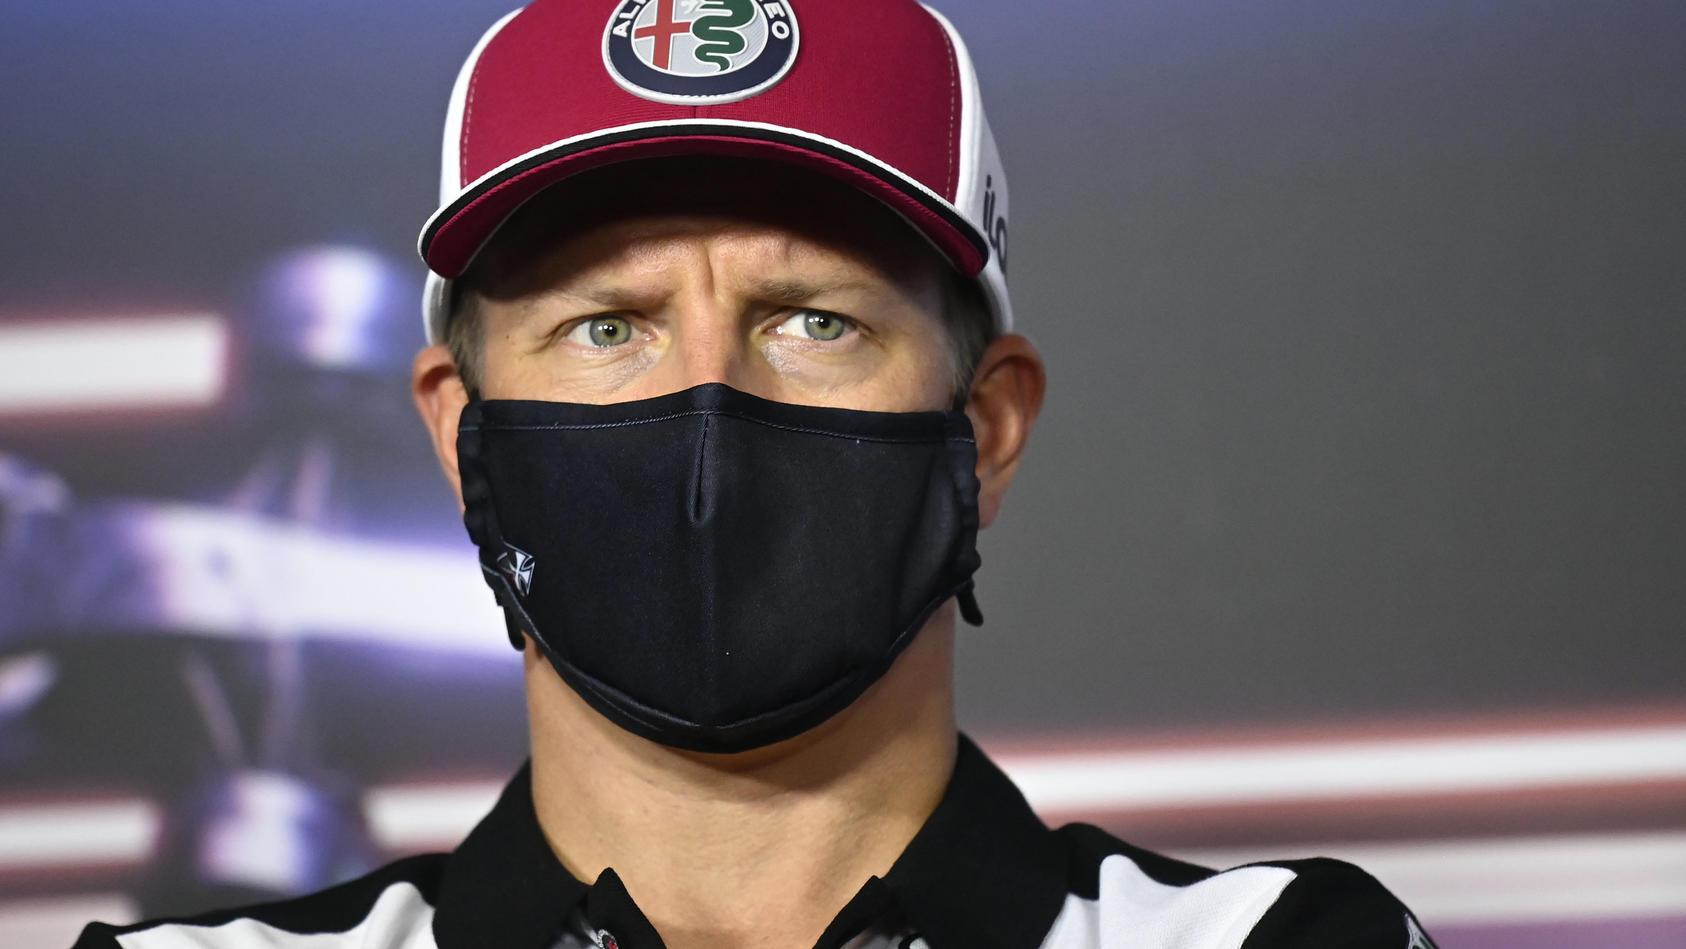 Kimi Räikönnen gab sein F1-Debüt im Jahr 2001, mit 21.